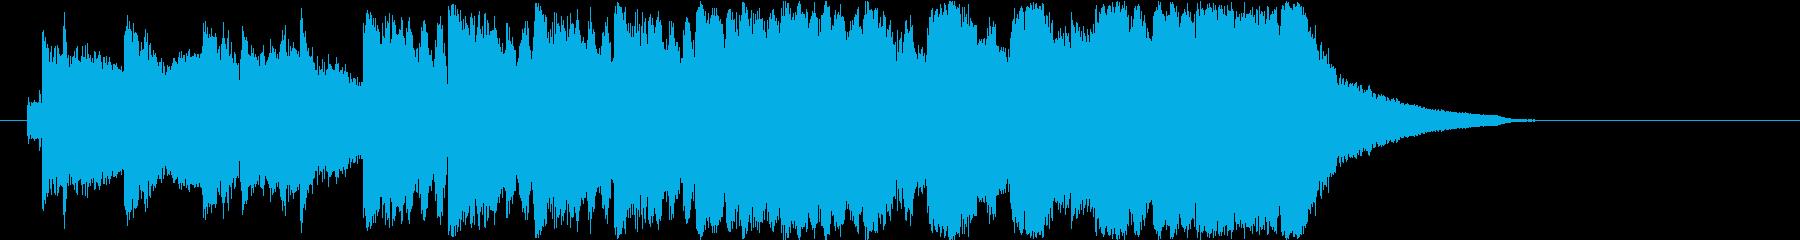 某映画会社風ファンファーレの再生済みの波形